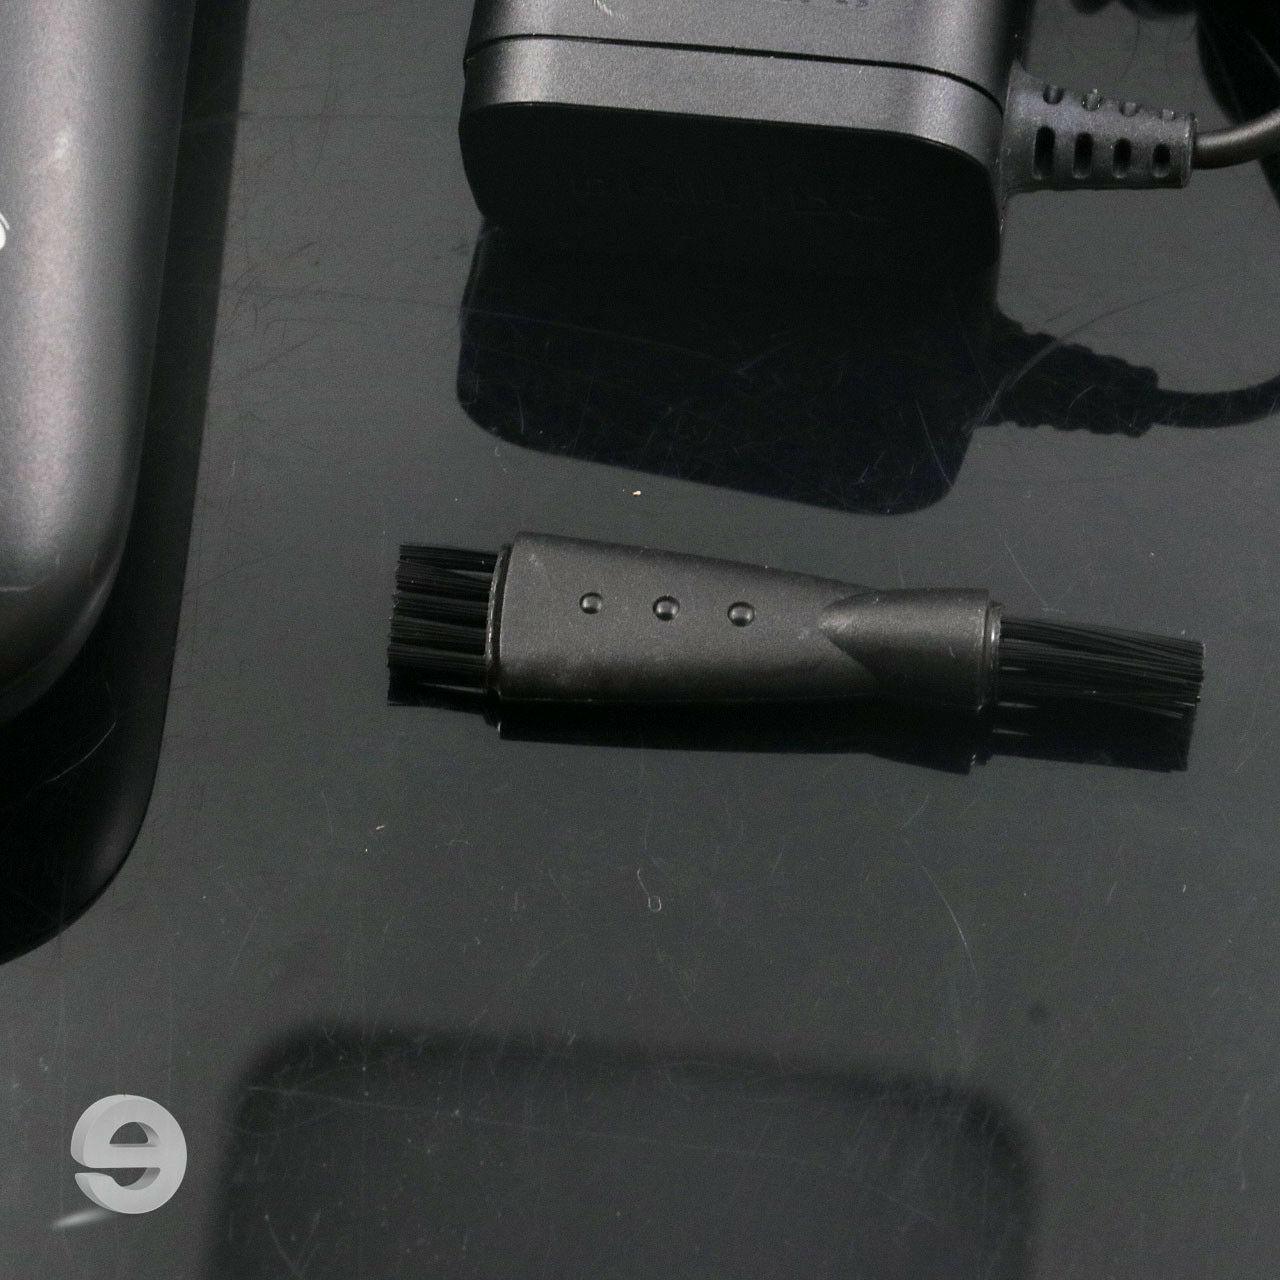 Norelco QT4019 Stubble Shaver